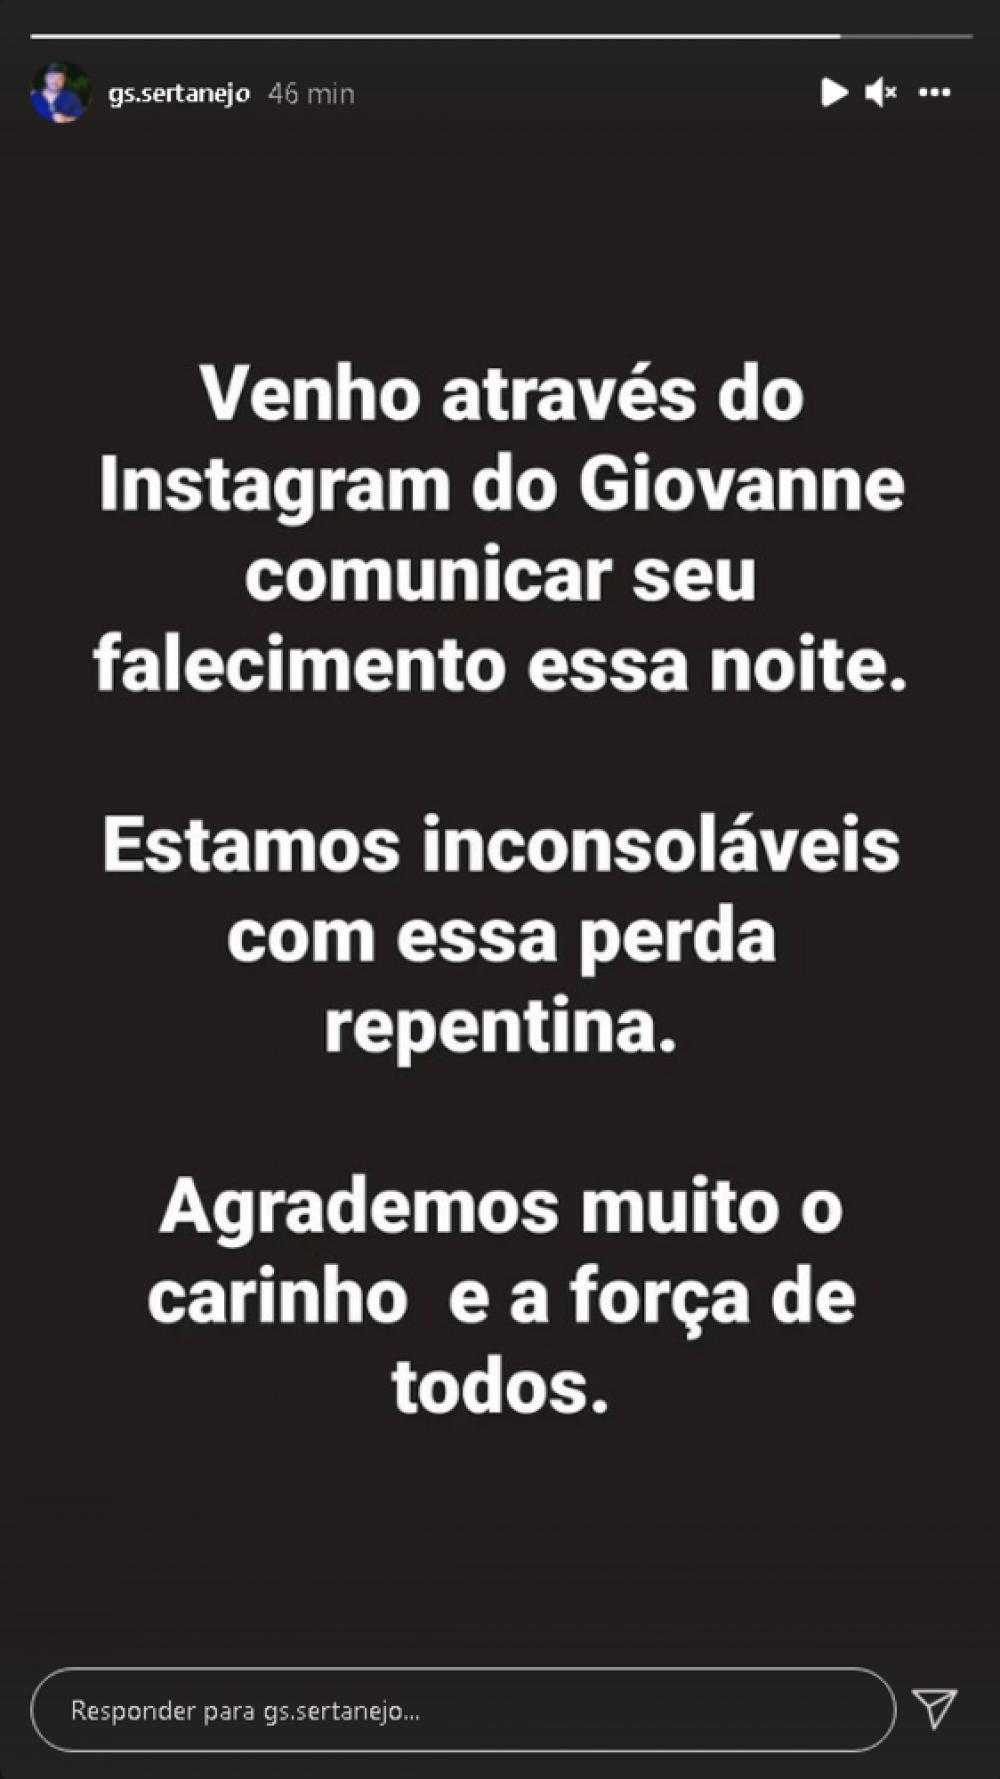 Familiares colocam mensagem no Instagram de Giovanne Salles